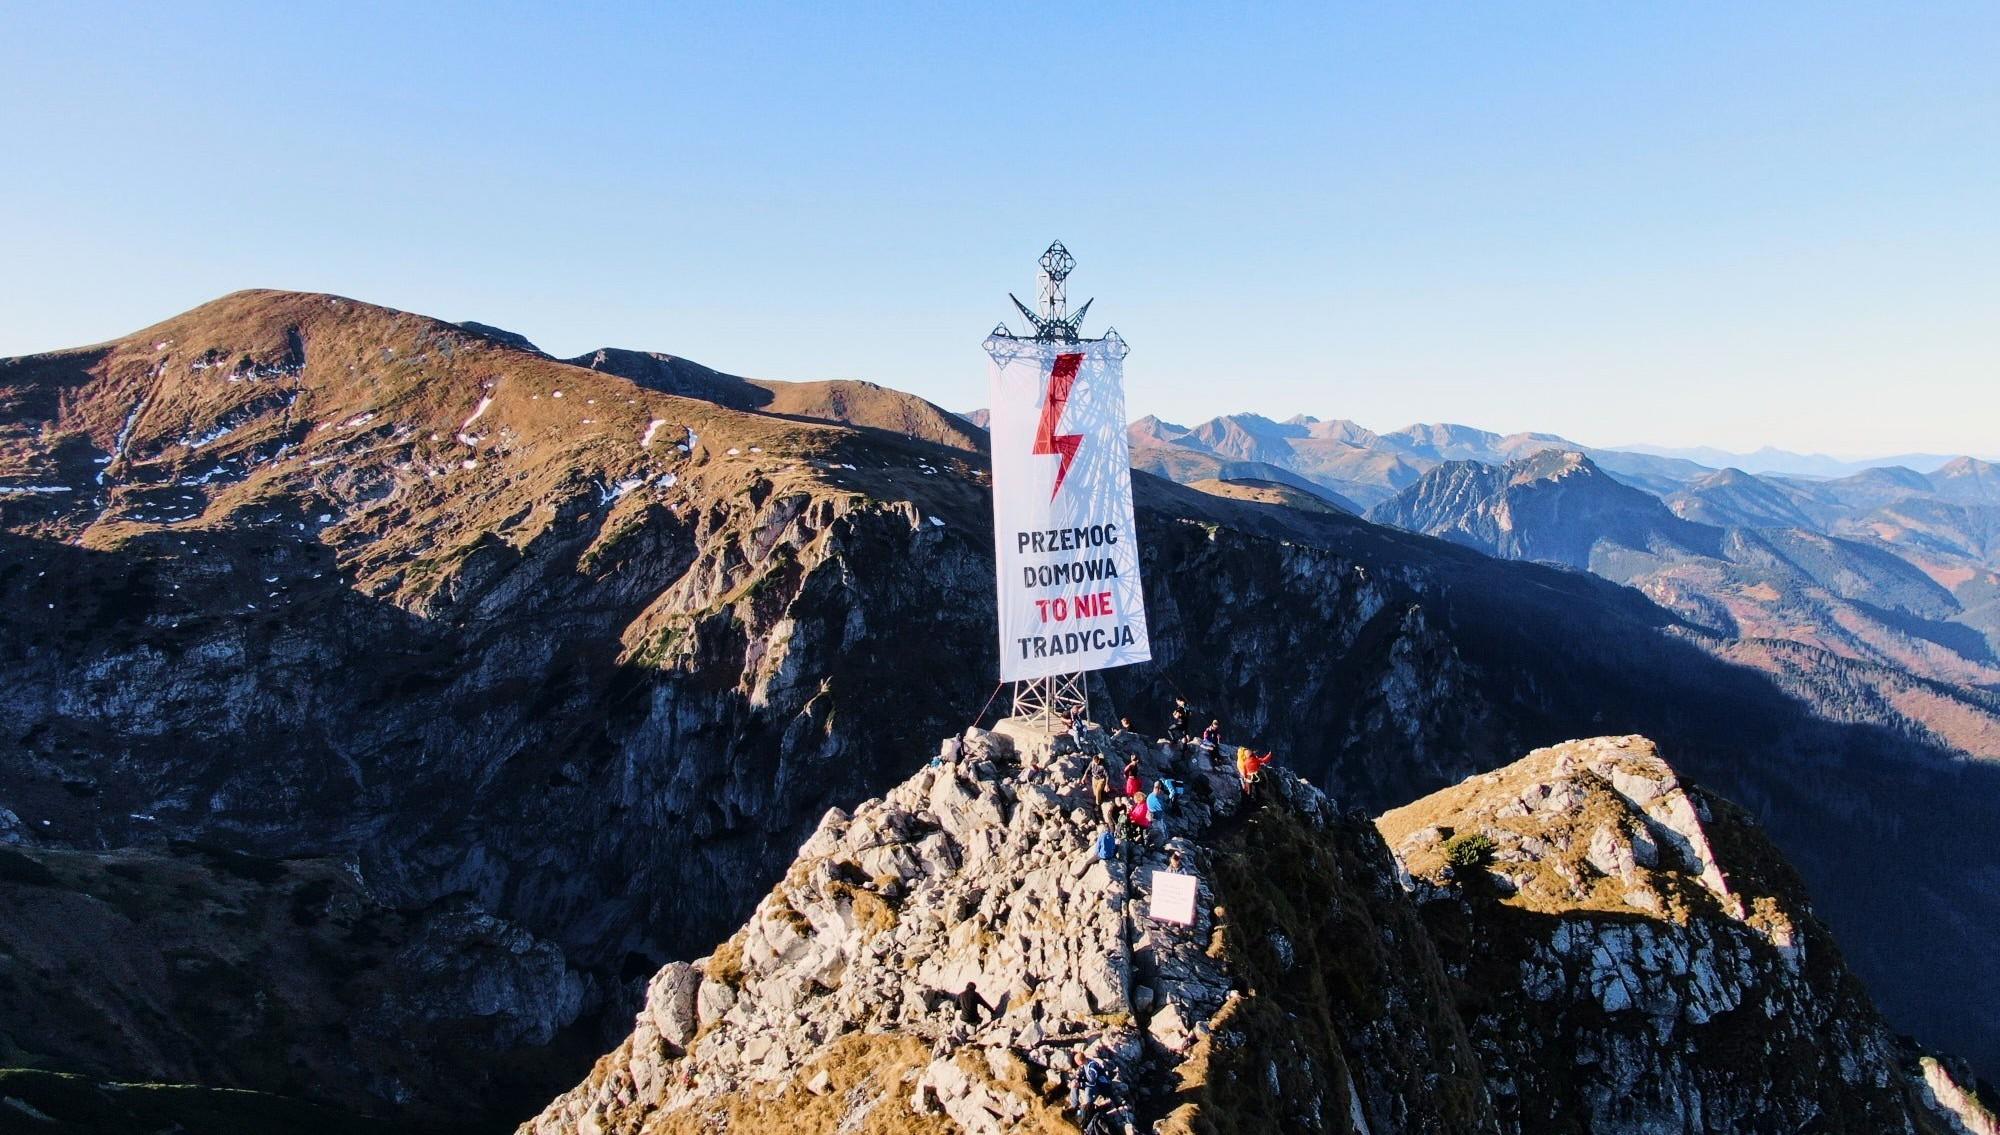 Nakrzyżu naGiewoncie zawisł wielki transparent Strajku Kobiet